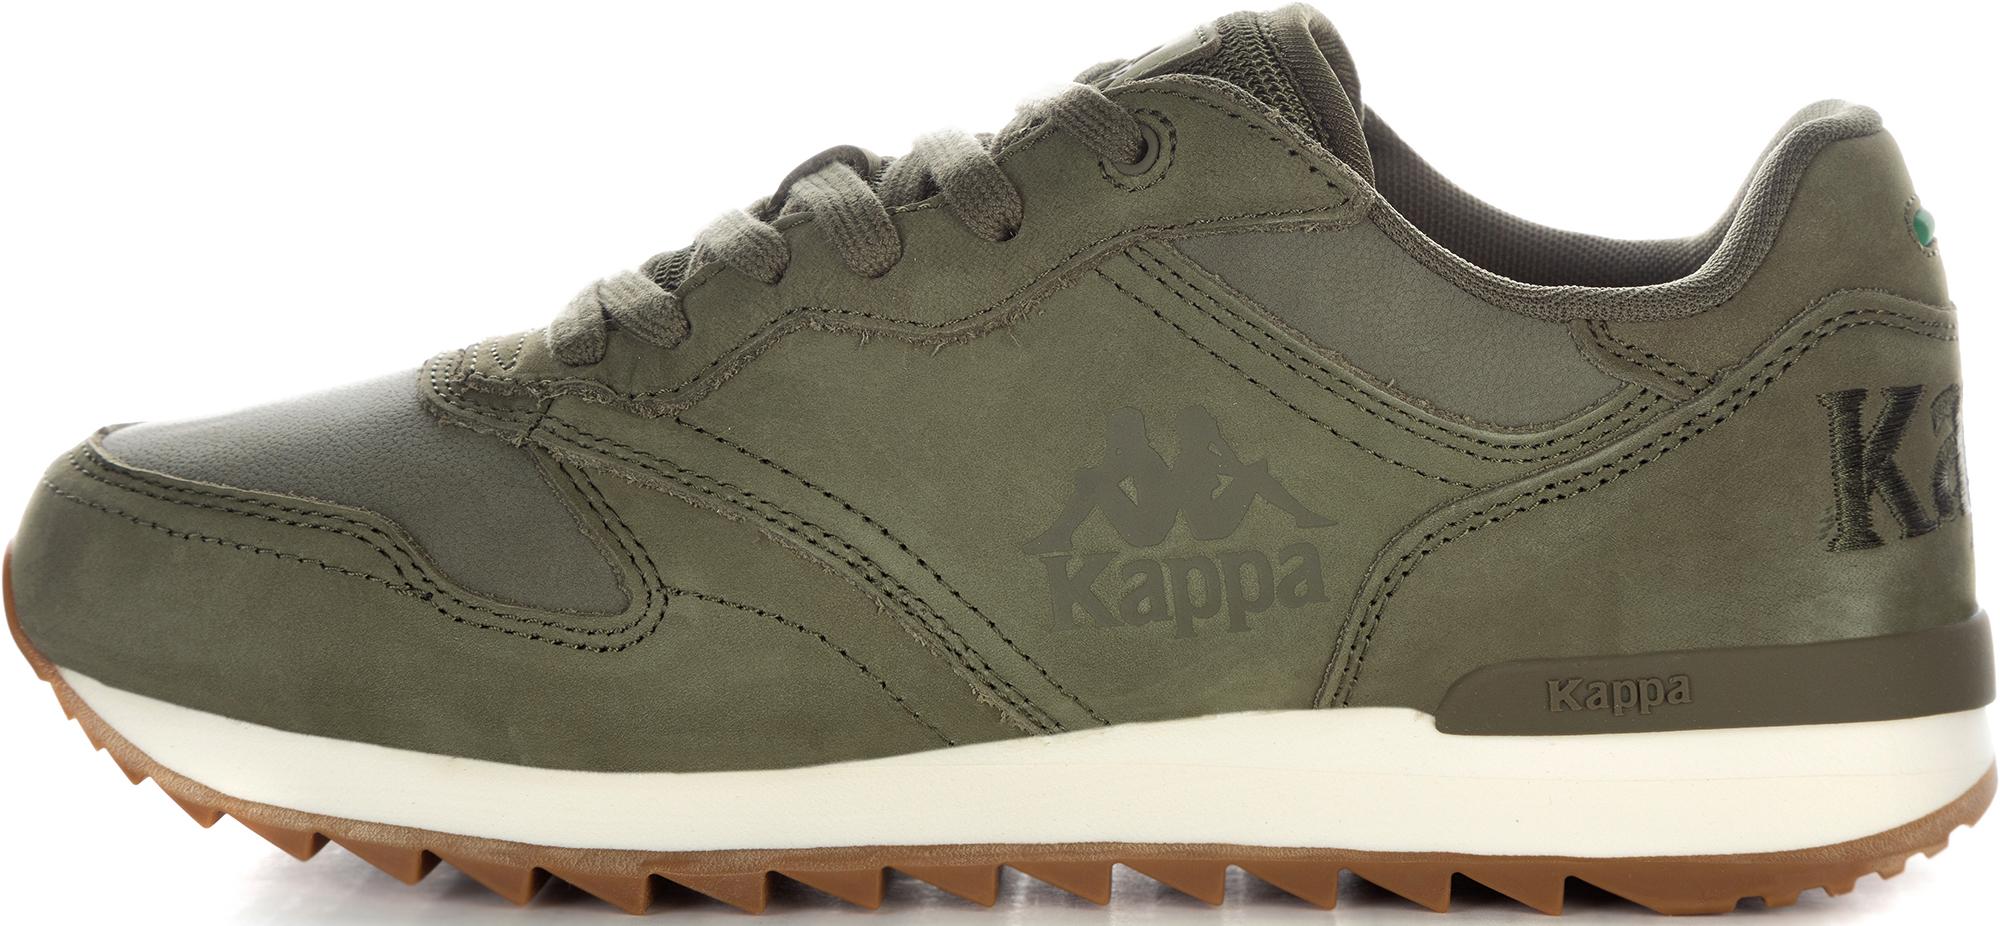 купить Kappa Кроссовки мужские Kappa Authentic Run, размер 46 по цене 5499 рублей